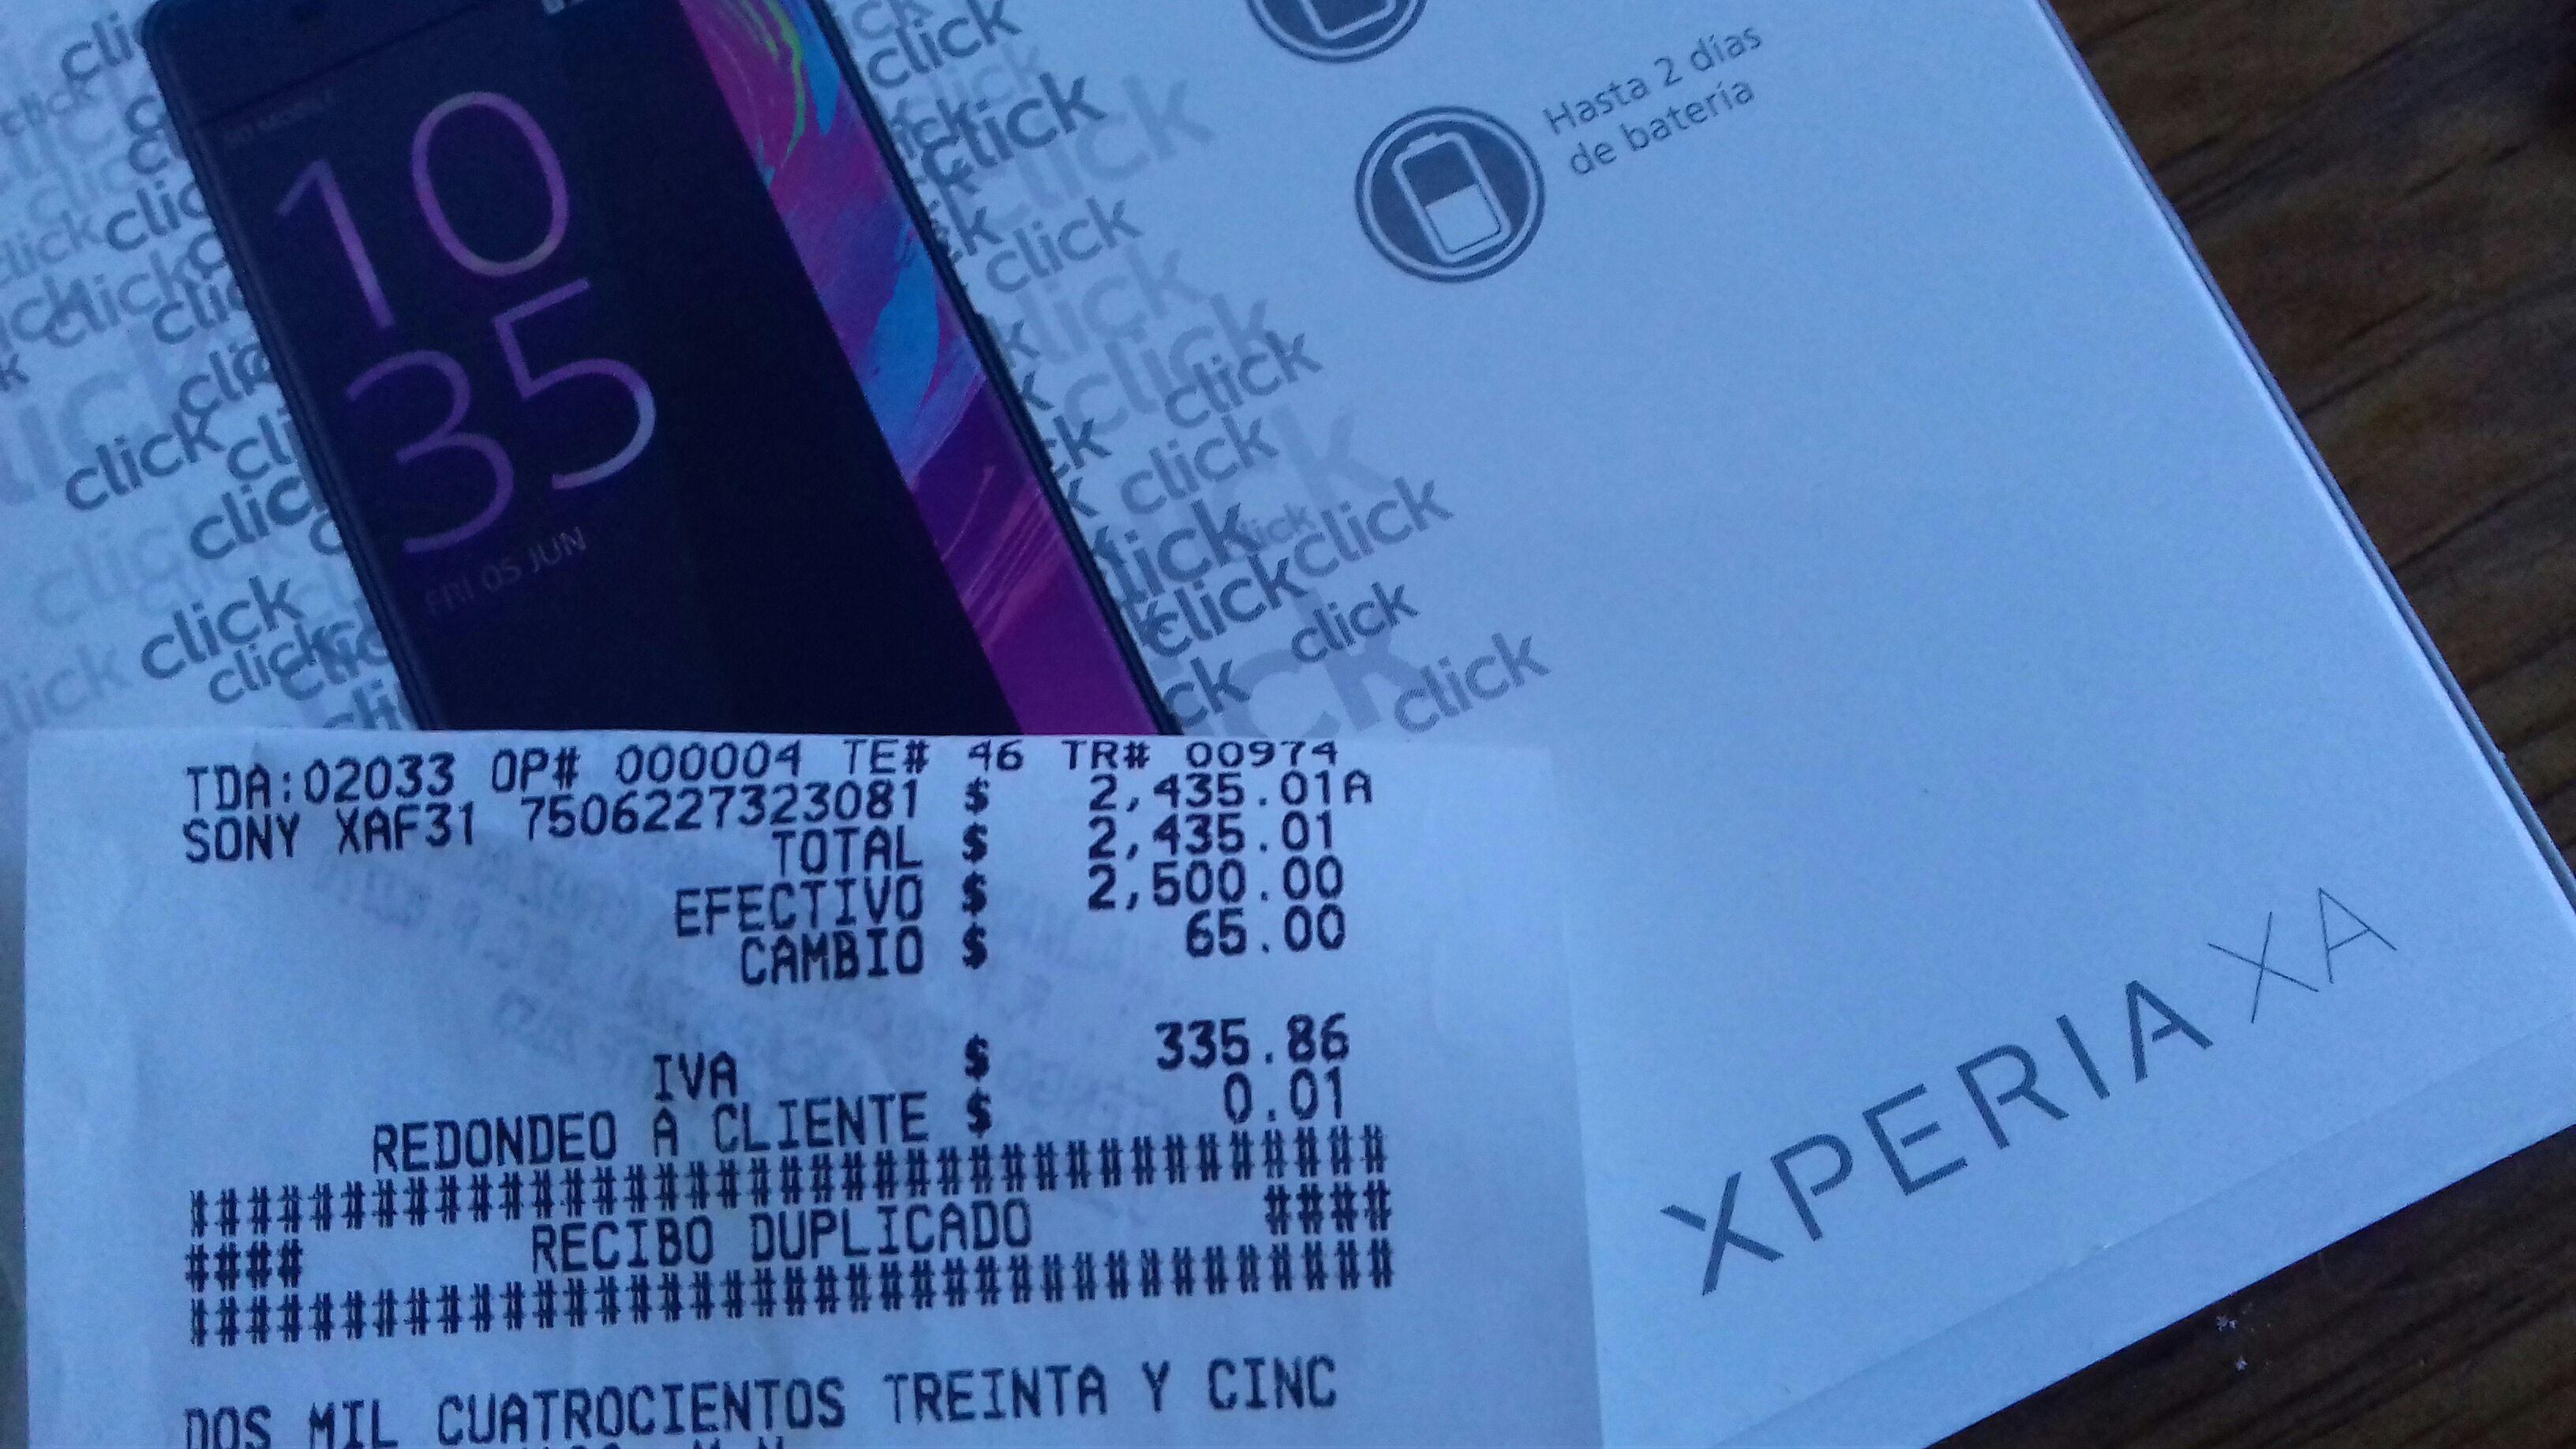 Walmart: Sony Xa $2,435.01